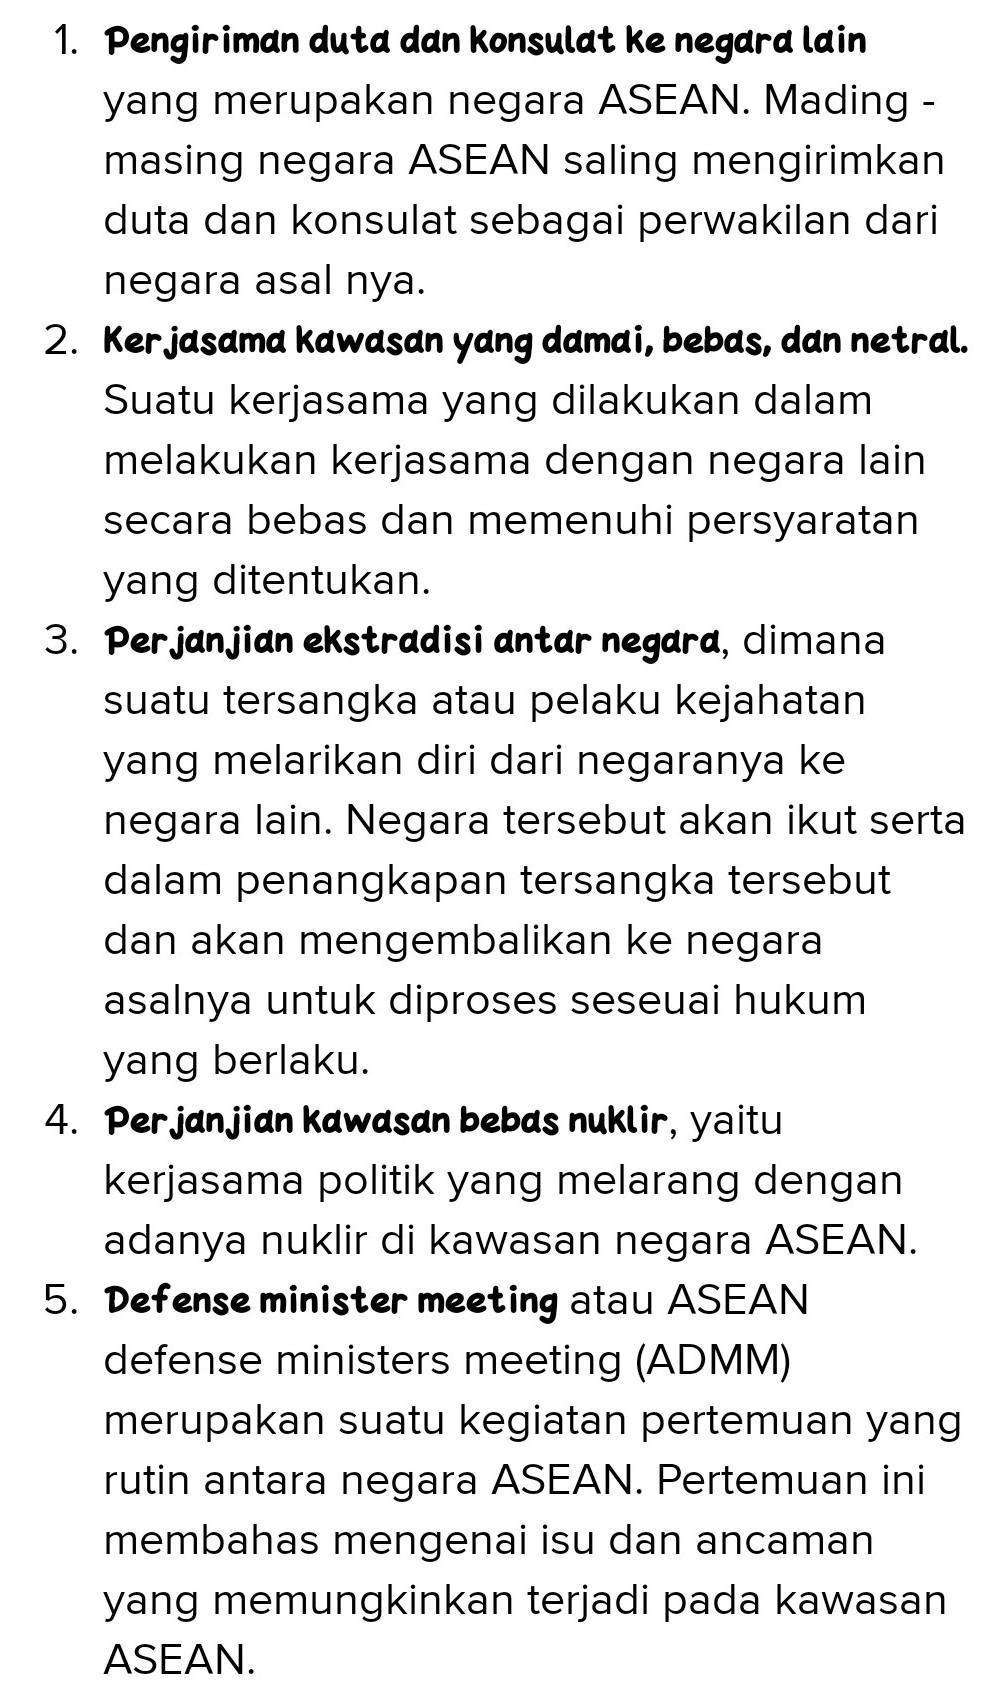 Kerjasama Di Bidang Politik : kerjasama, bidang, politik, Sebutkan, Kerjasama, ASEAN, Bidang, Politik., Brainly.co.id